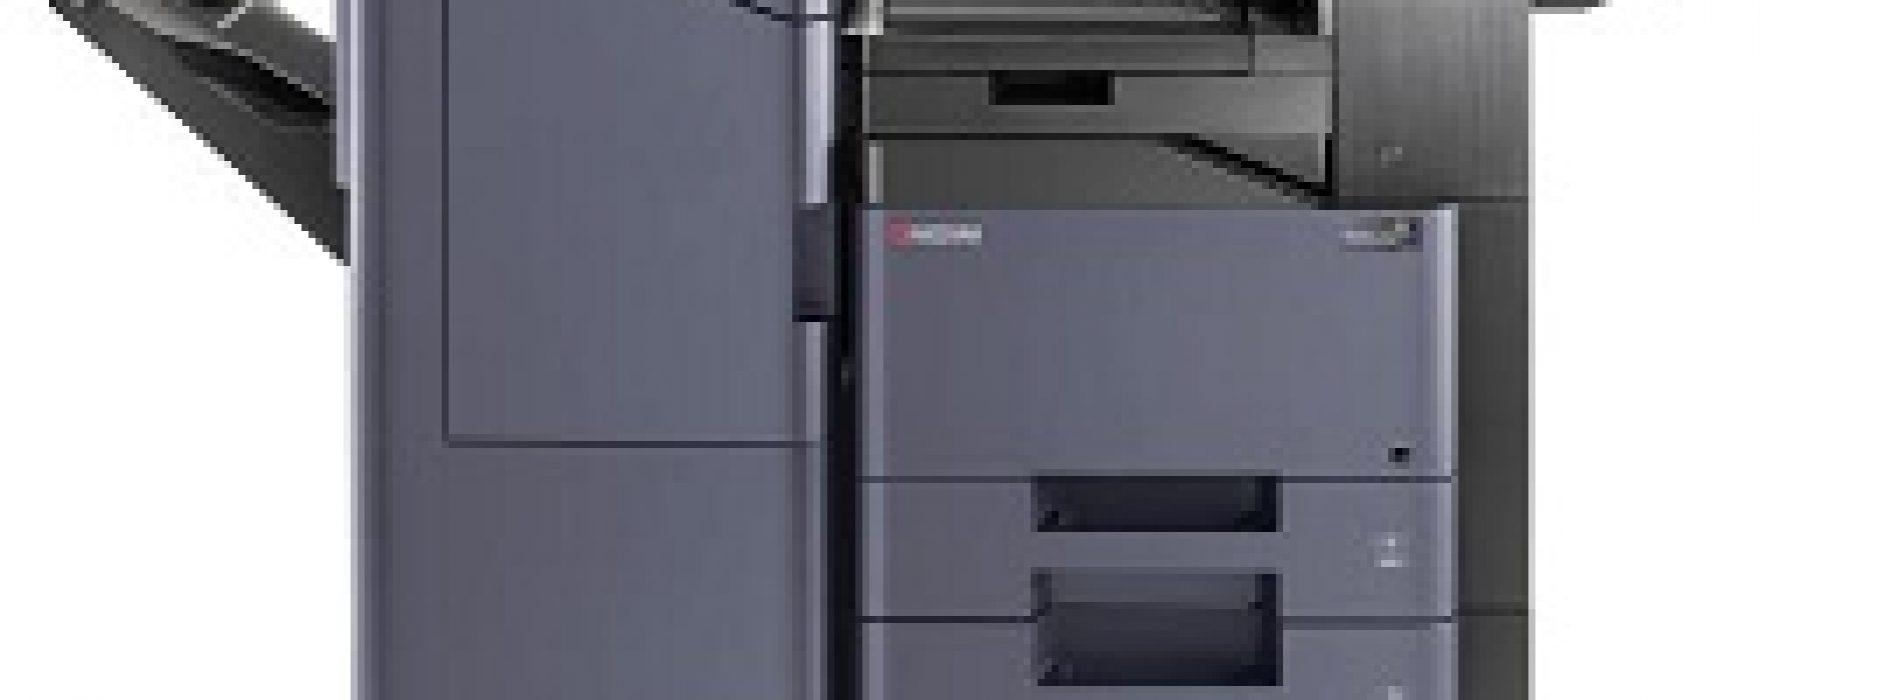 Nueva línea de impresión multifuncional, económica y compacta